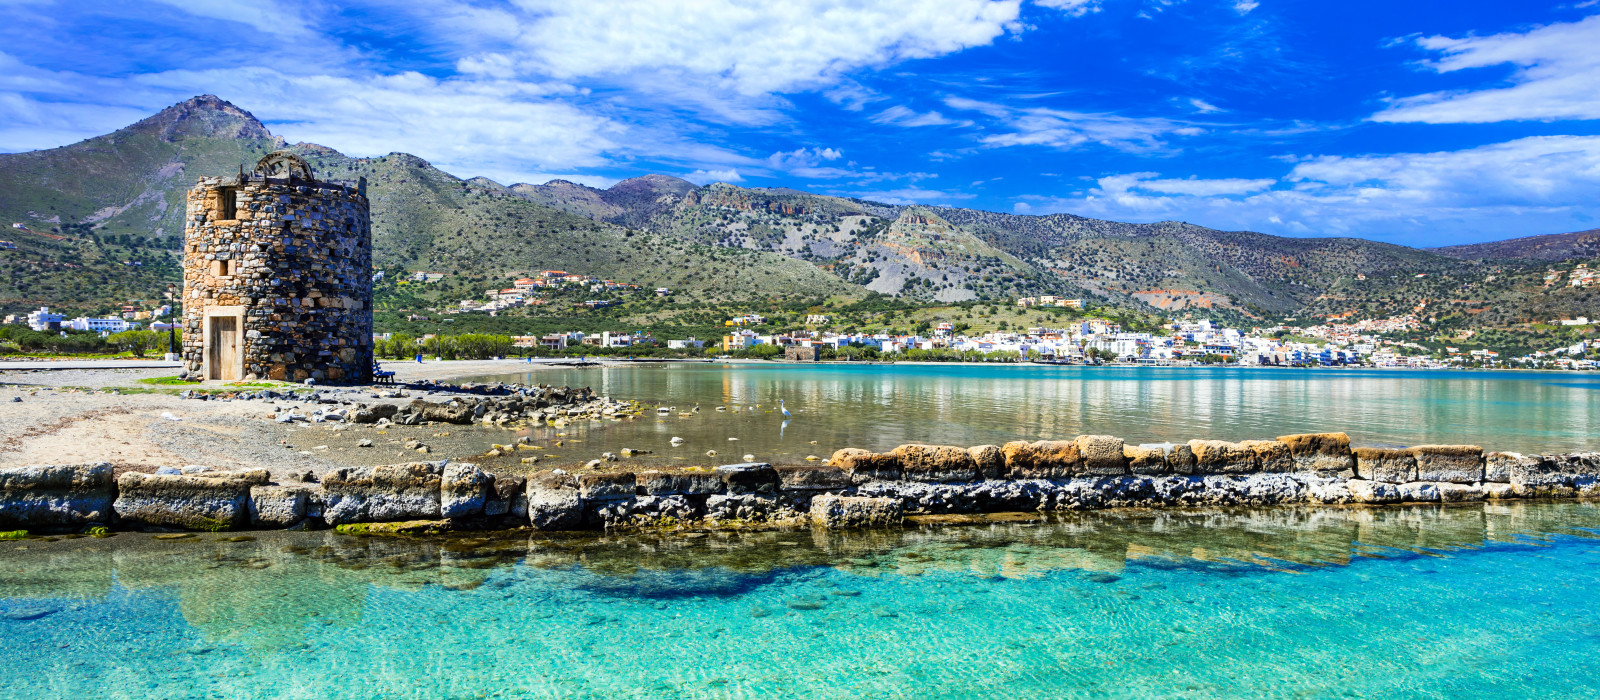 Destination Elounda Greece